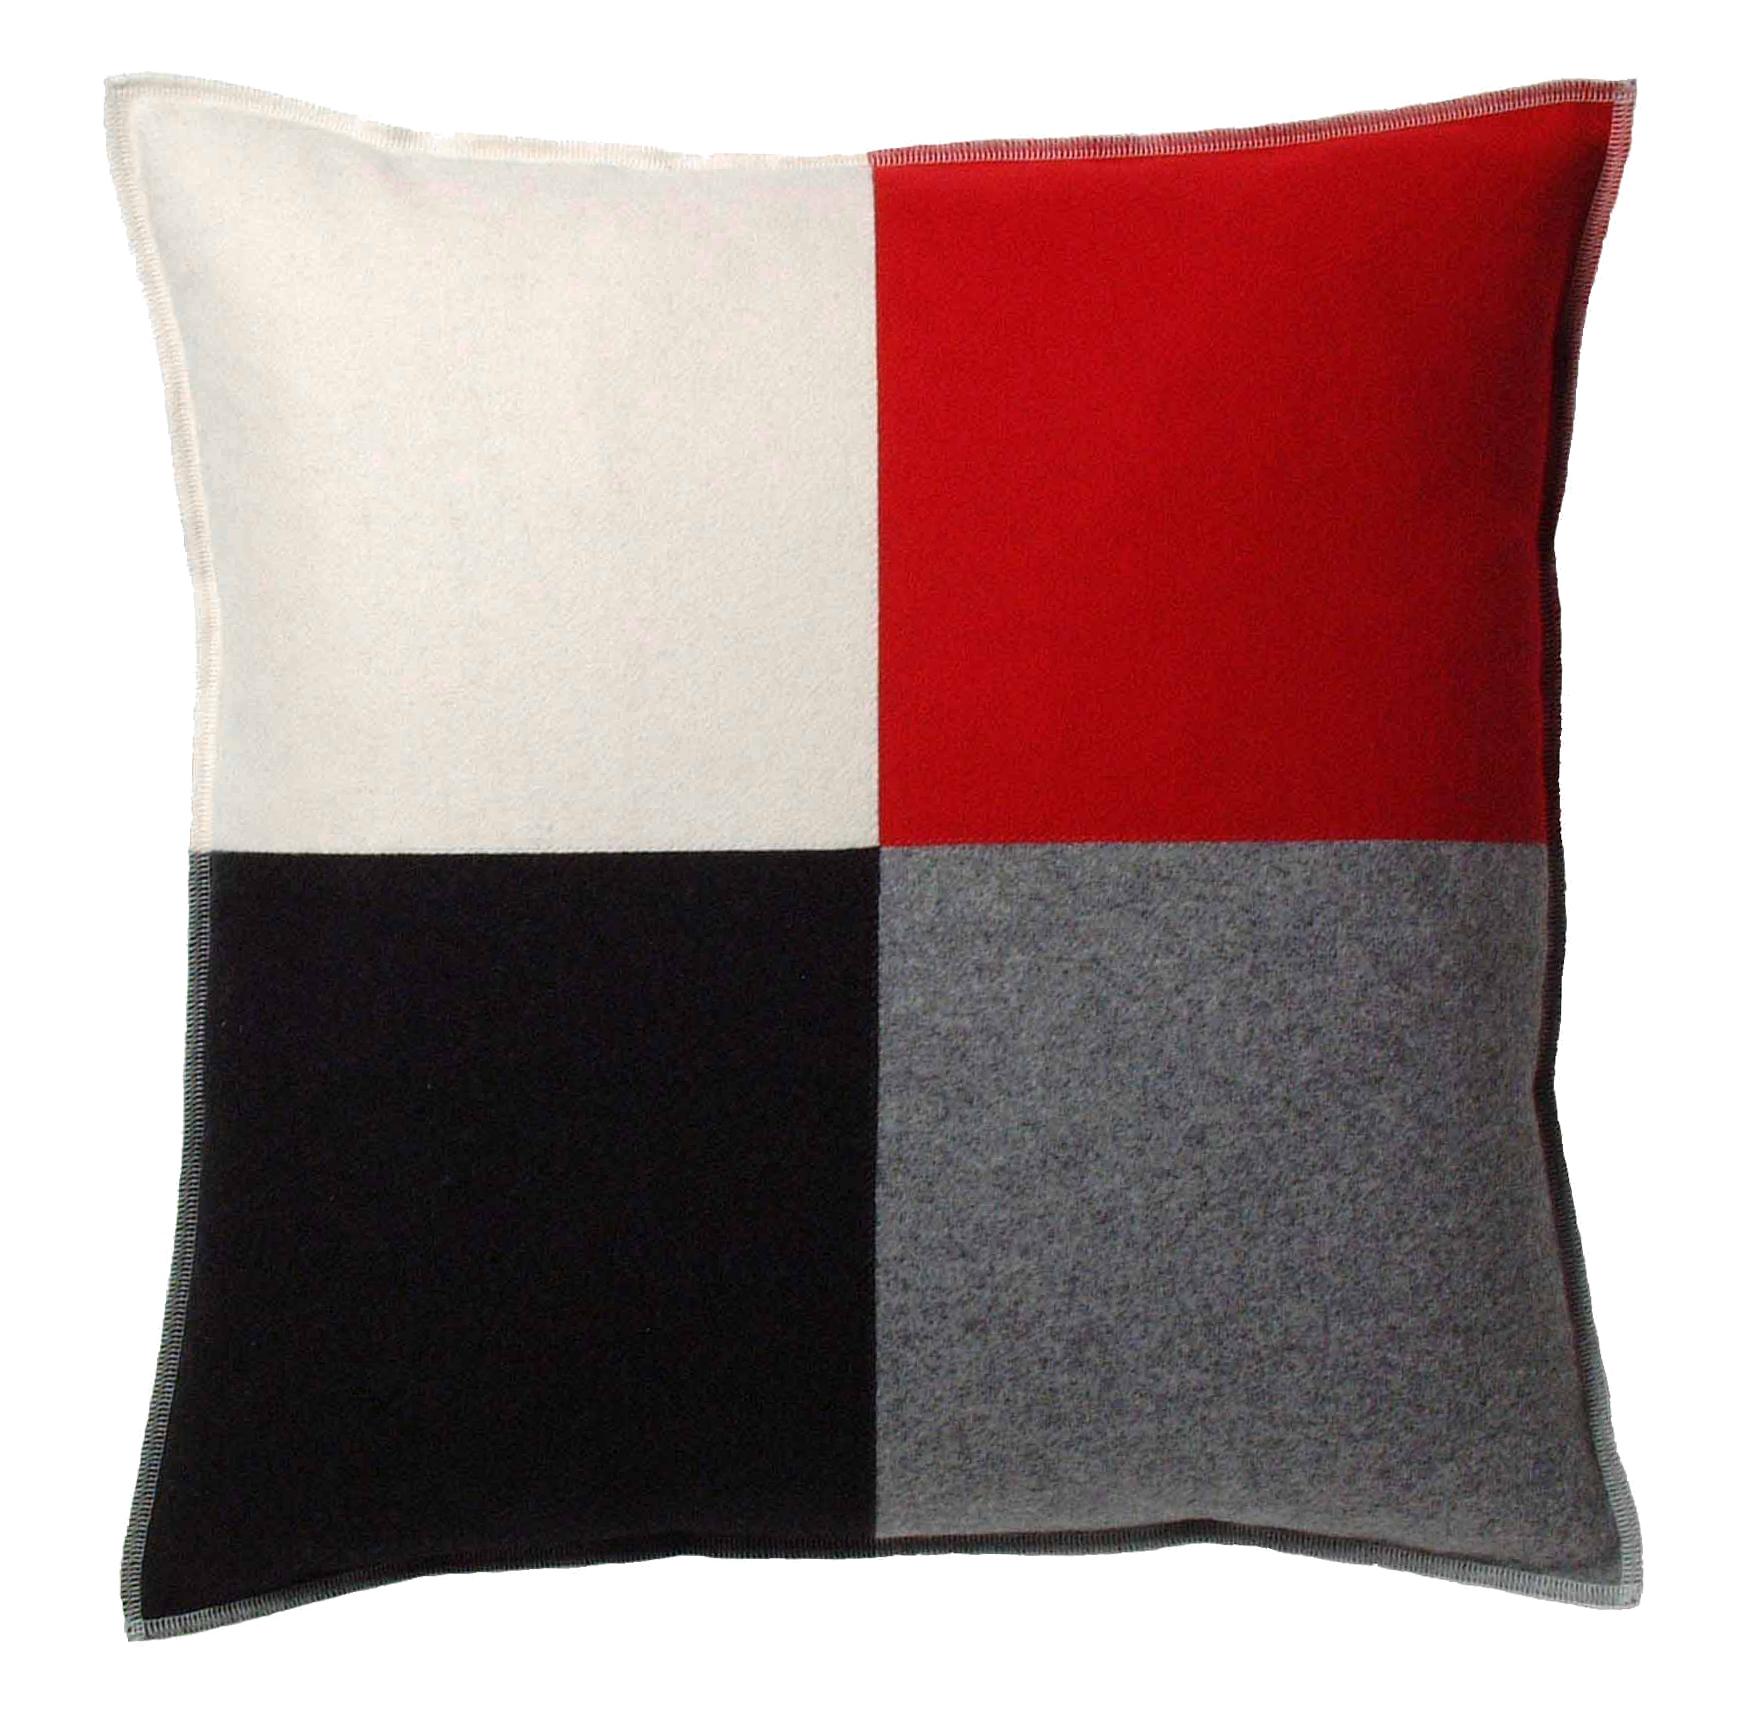 Schack kvadratiskt kuddfodral Antracit Silvergrå Vintervit Röd 339 kr Trendrum se